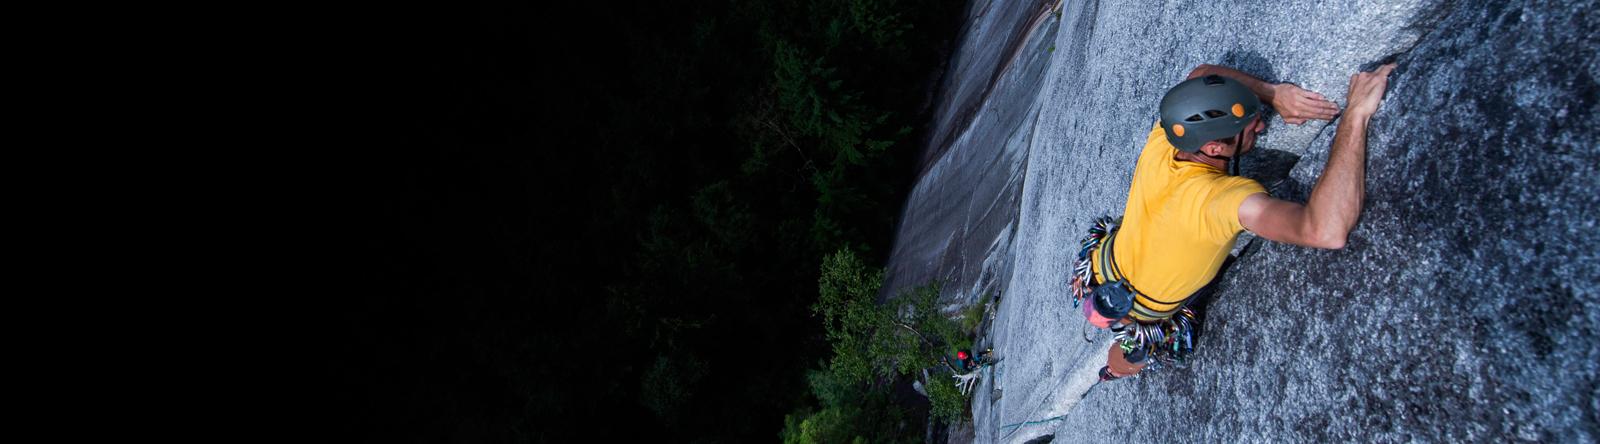 Ein Mann klettert eine steile Felswand hoch.